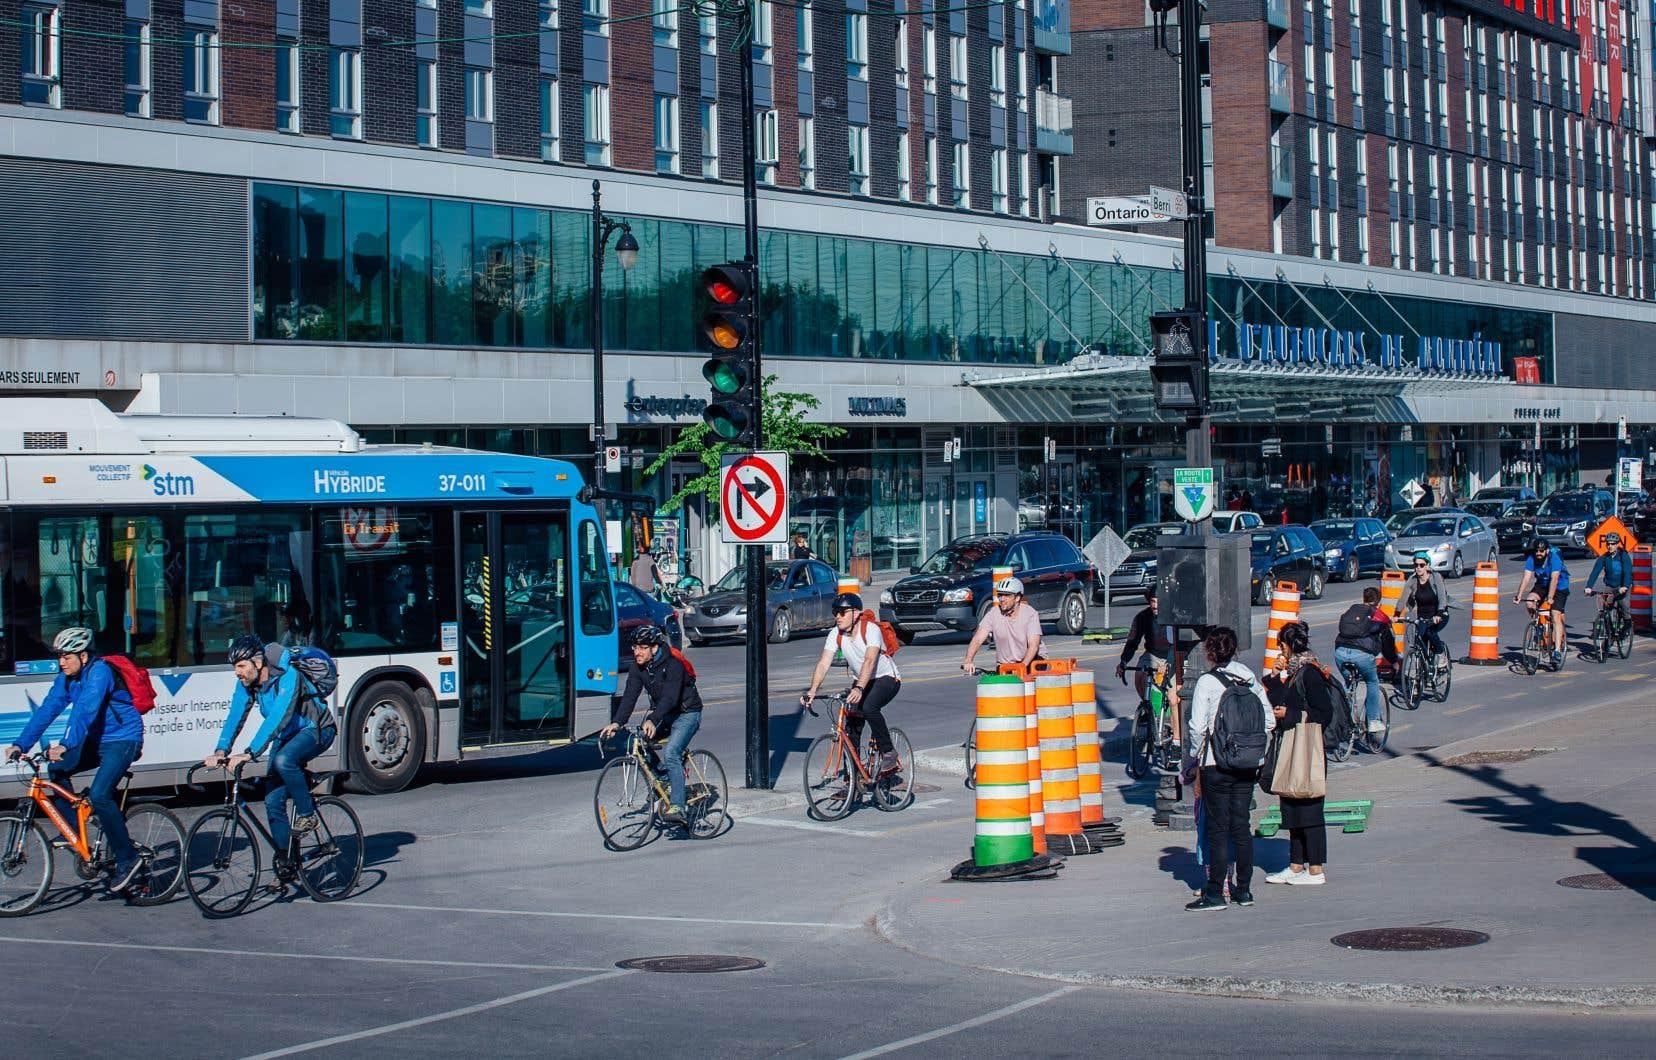 Au courant de la pandémie, les aménagements piétonniers et cyclables temporaires ont été multipliés au Québec. Pour soutenir l'élan  et répondre aux besoins, il faut continuer d'aménager des traversées sécuritaires, compléter les réseaux cyclables et multiplier les supports à vélo, selon l'auteur.